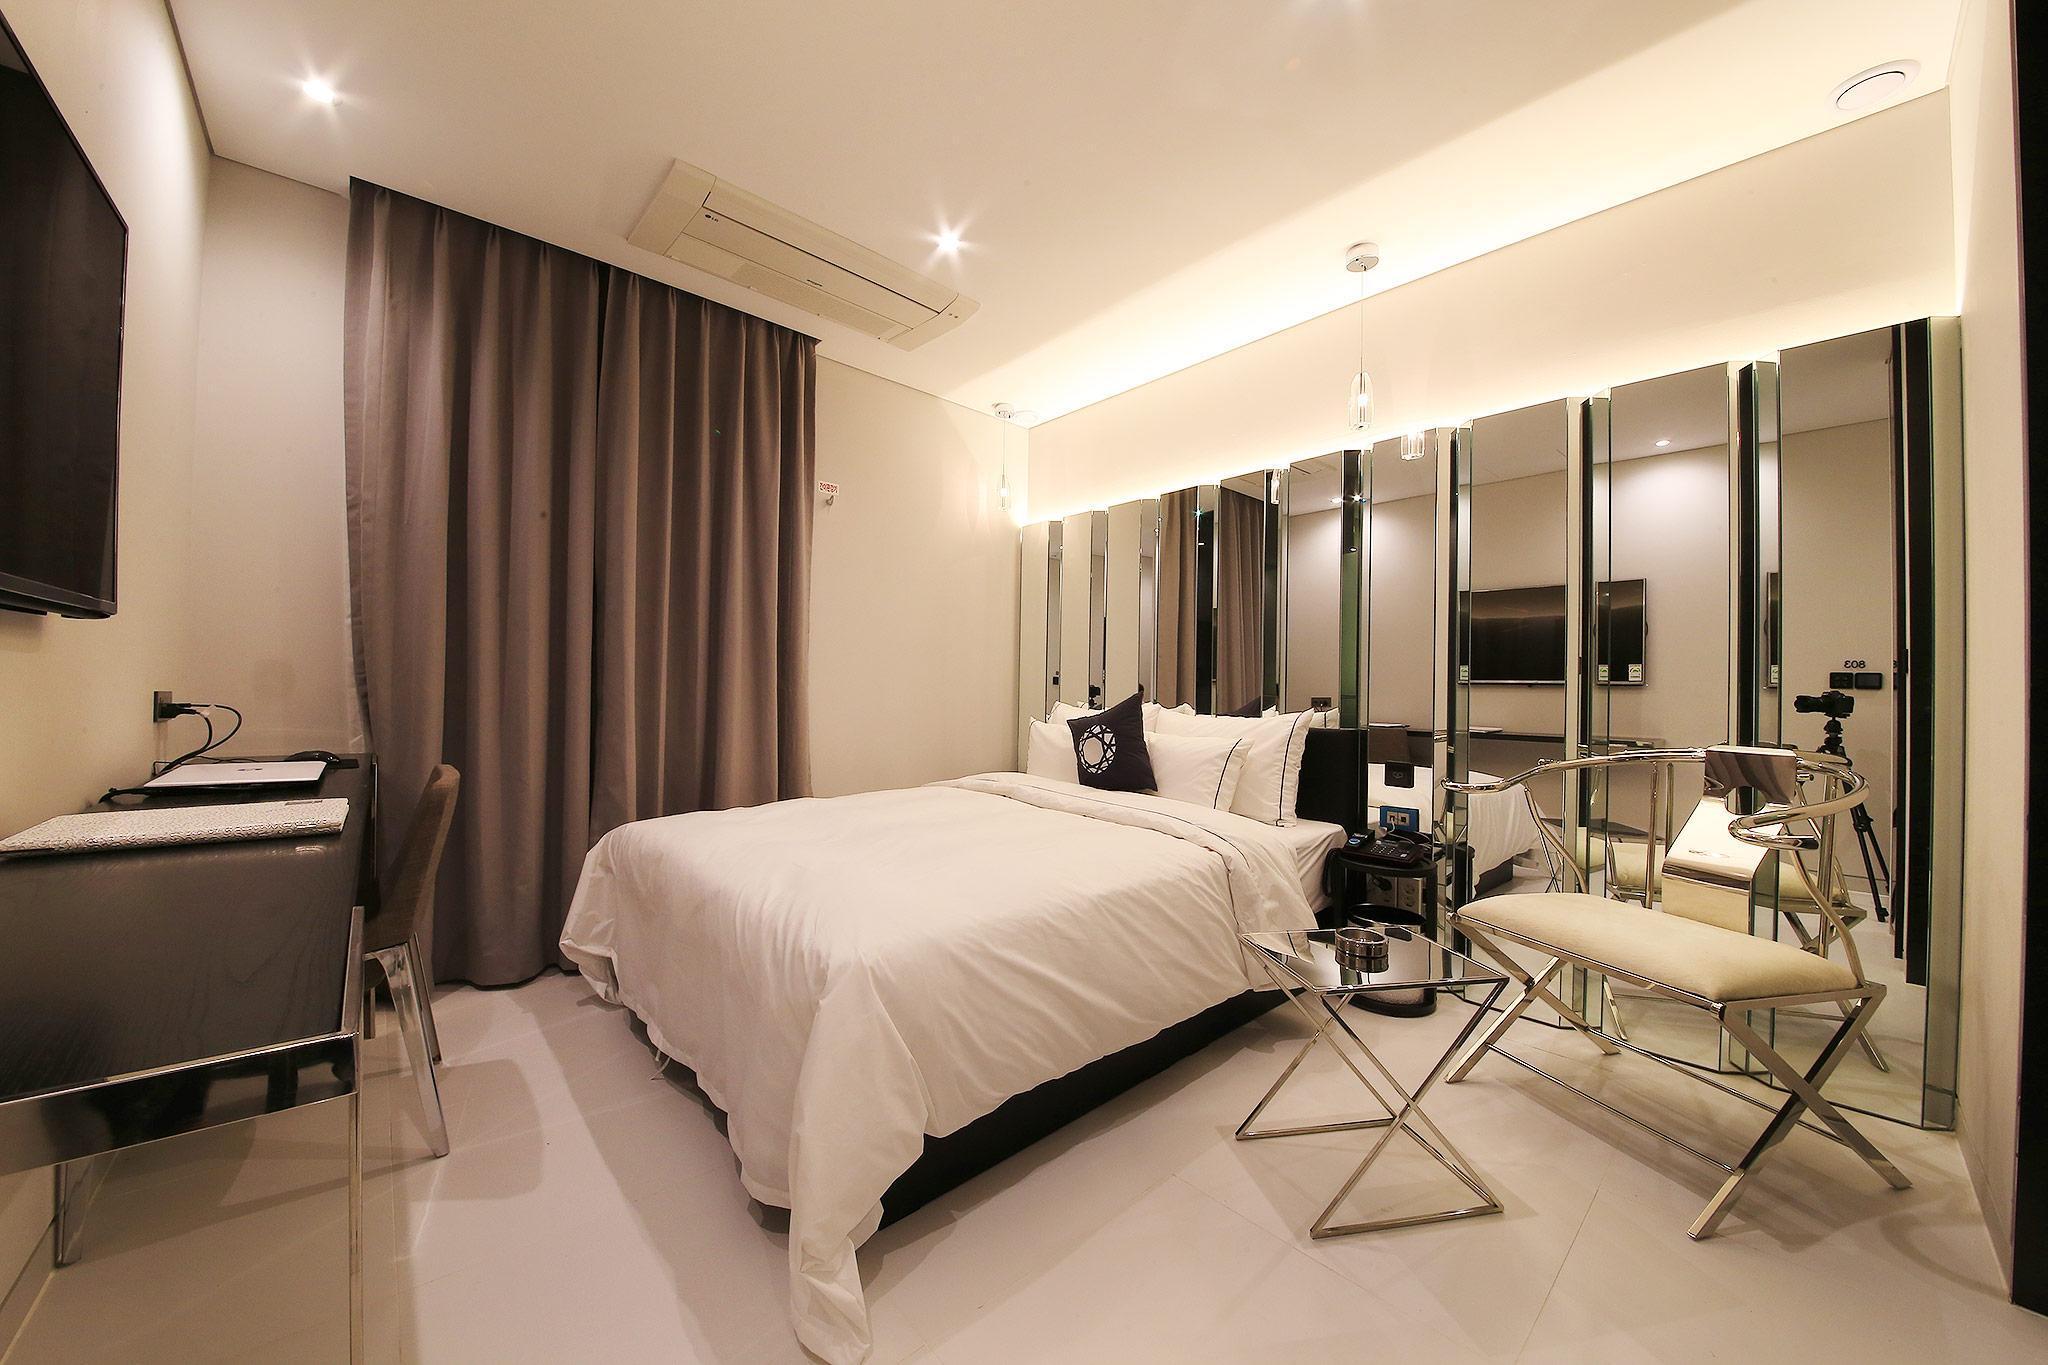 hotel cullinan kondae 2 room deals reviews photos seoul south rh agoda com